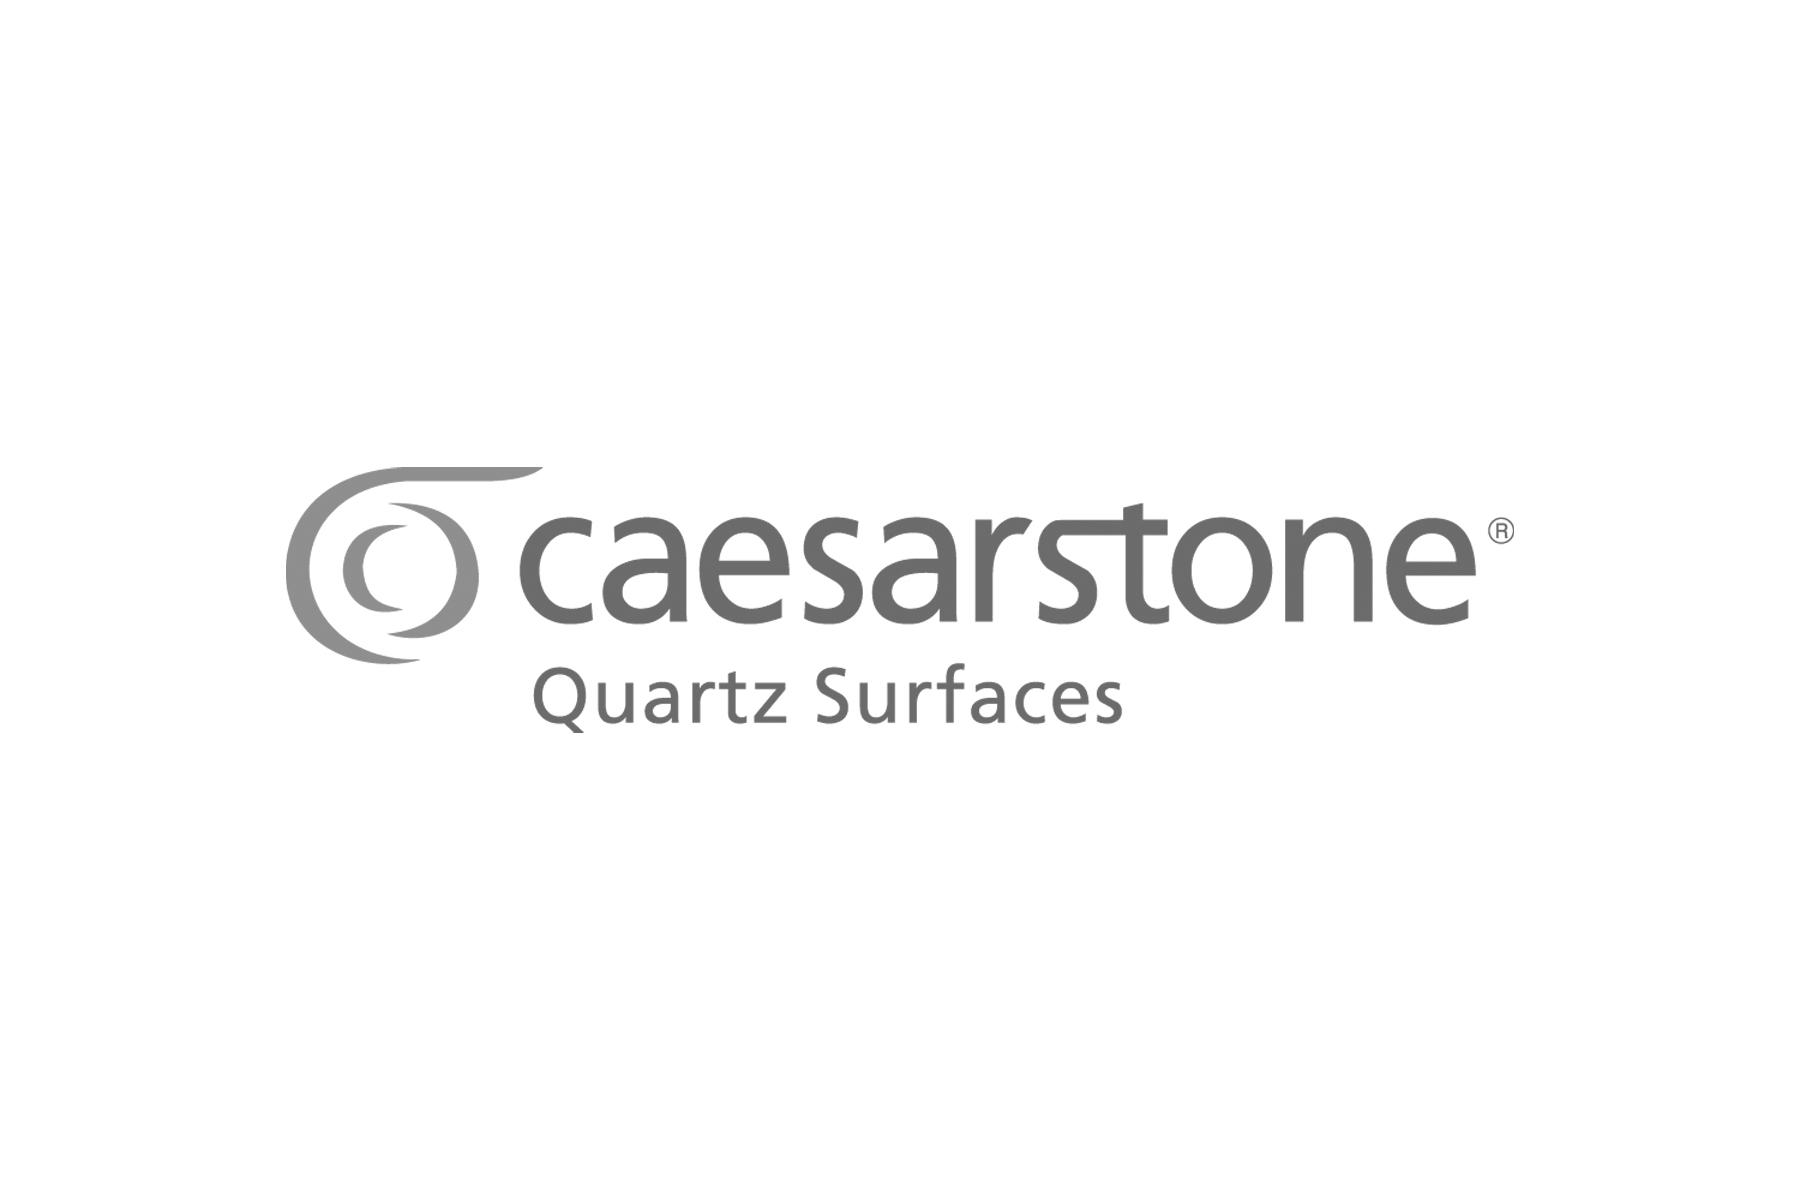 Caesarstone GS.jpg